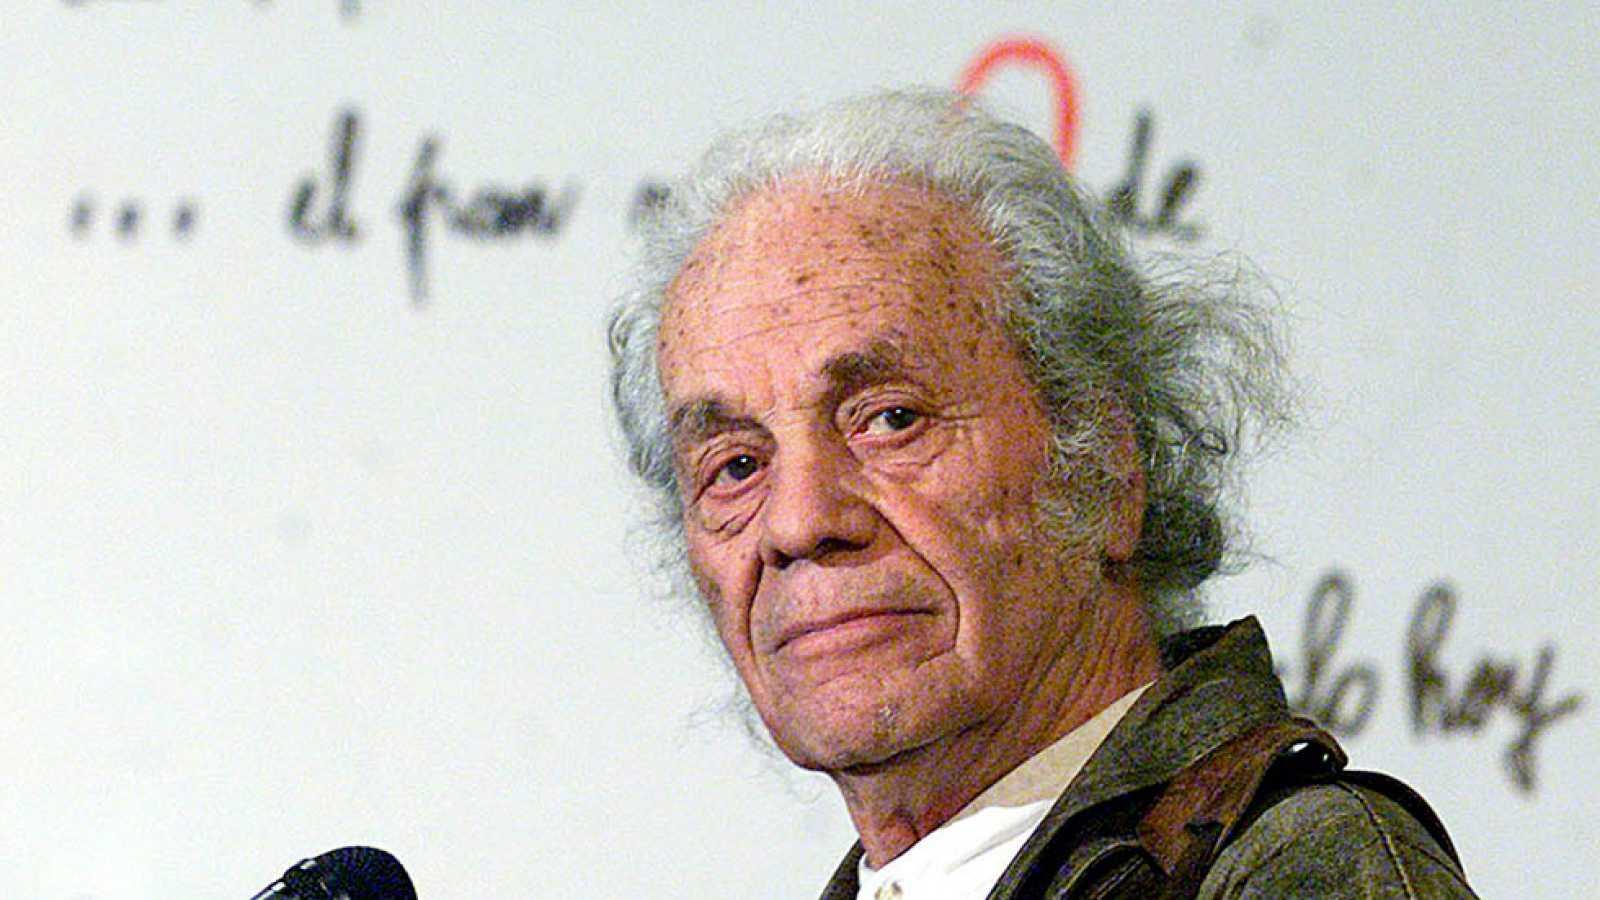 El Premio Cervantes es otorgado al poeta chileno Nicanor Parra